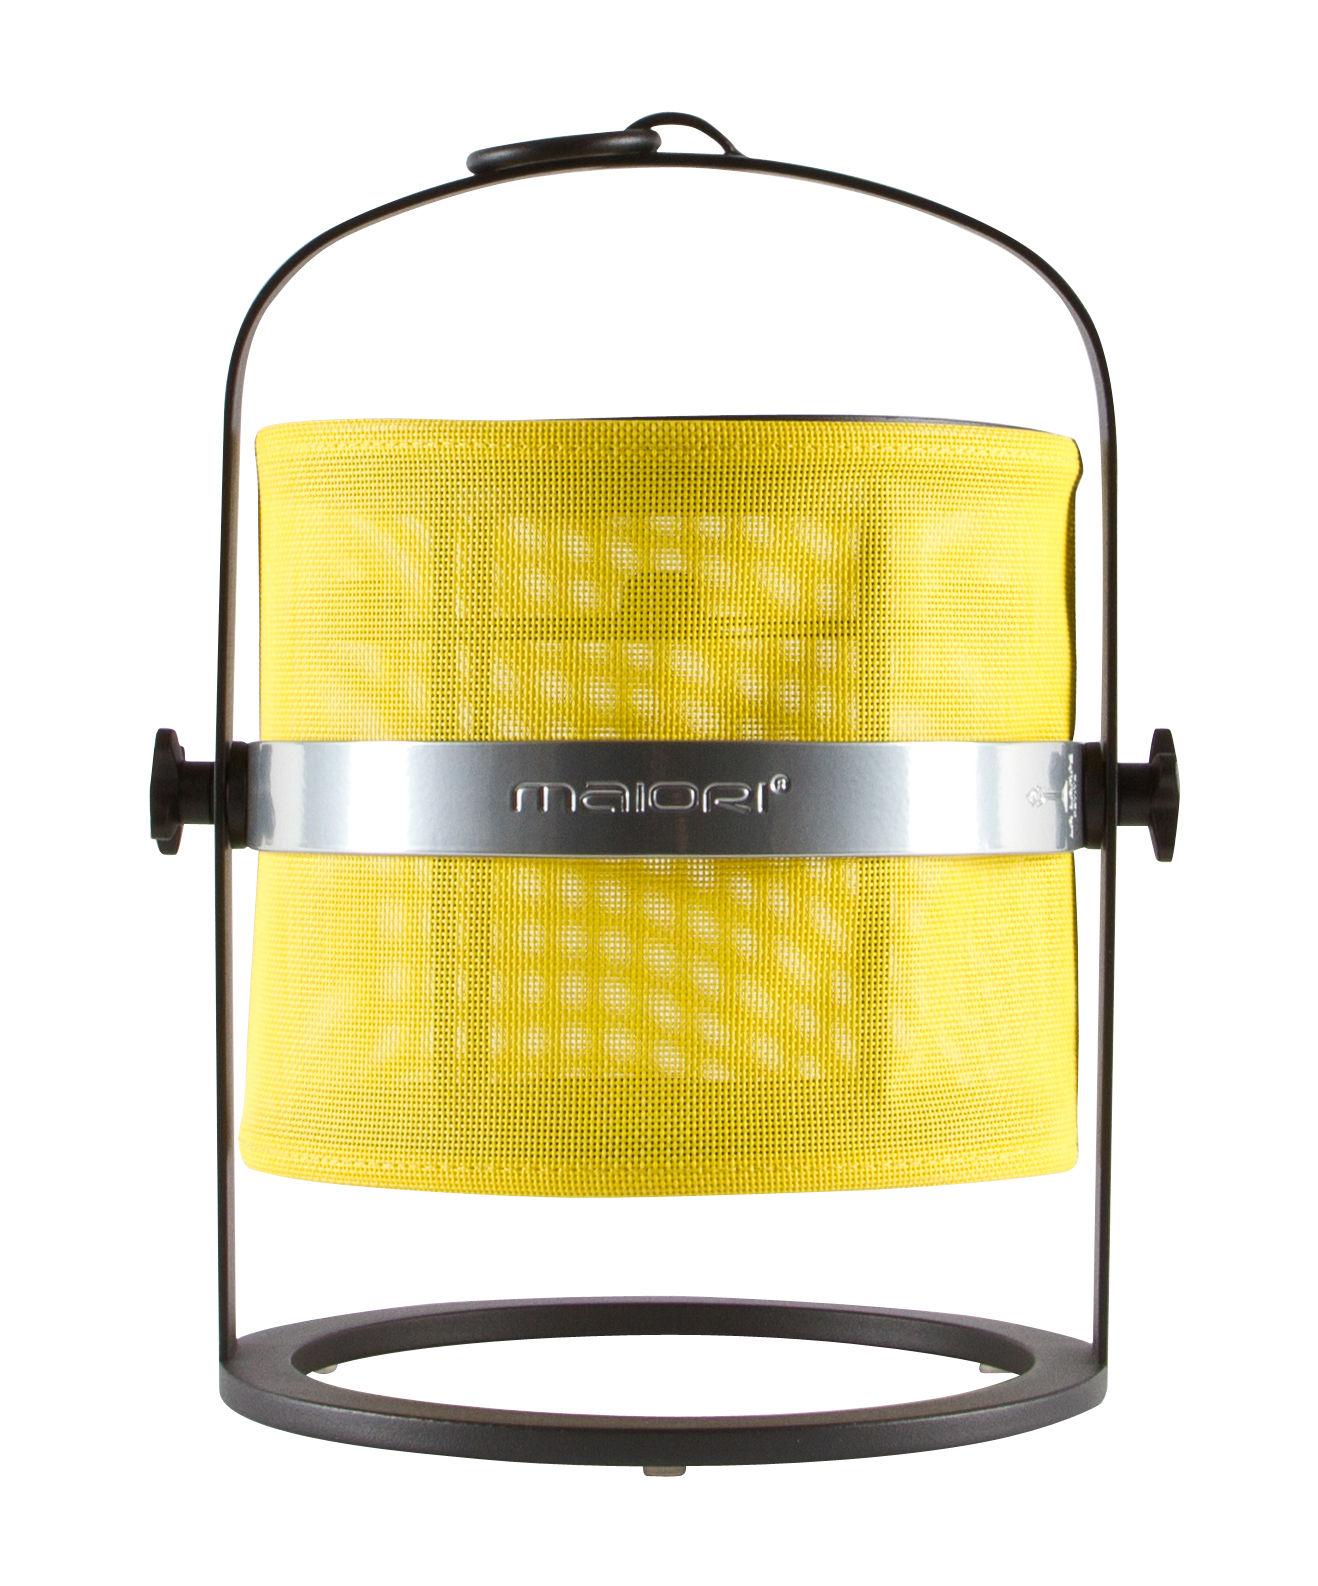 lampe solaire la lampe petite led sans fil structure noire citron structure noire maiori. Black Bedroom Furniture Sets. Home Design Ideas